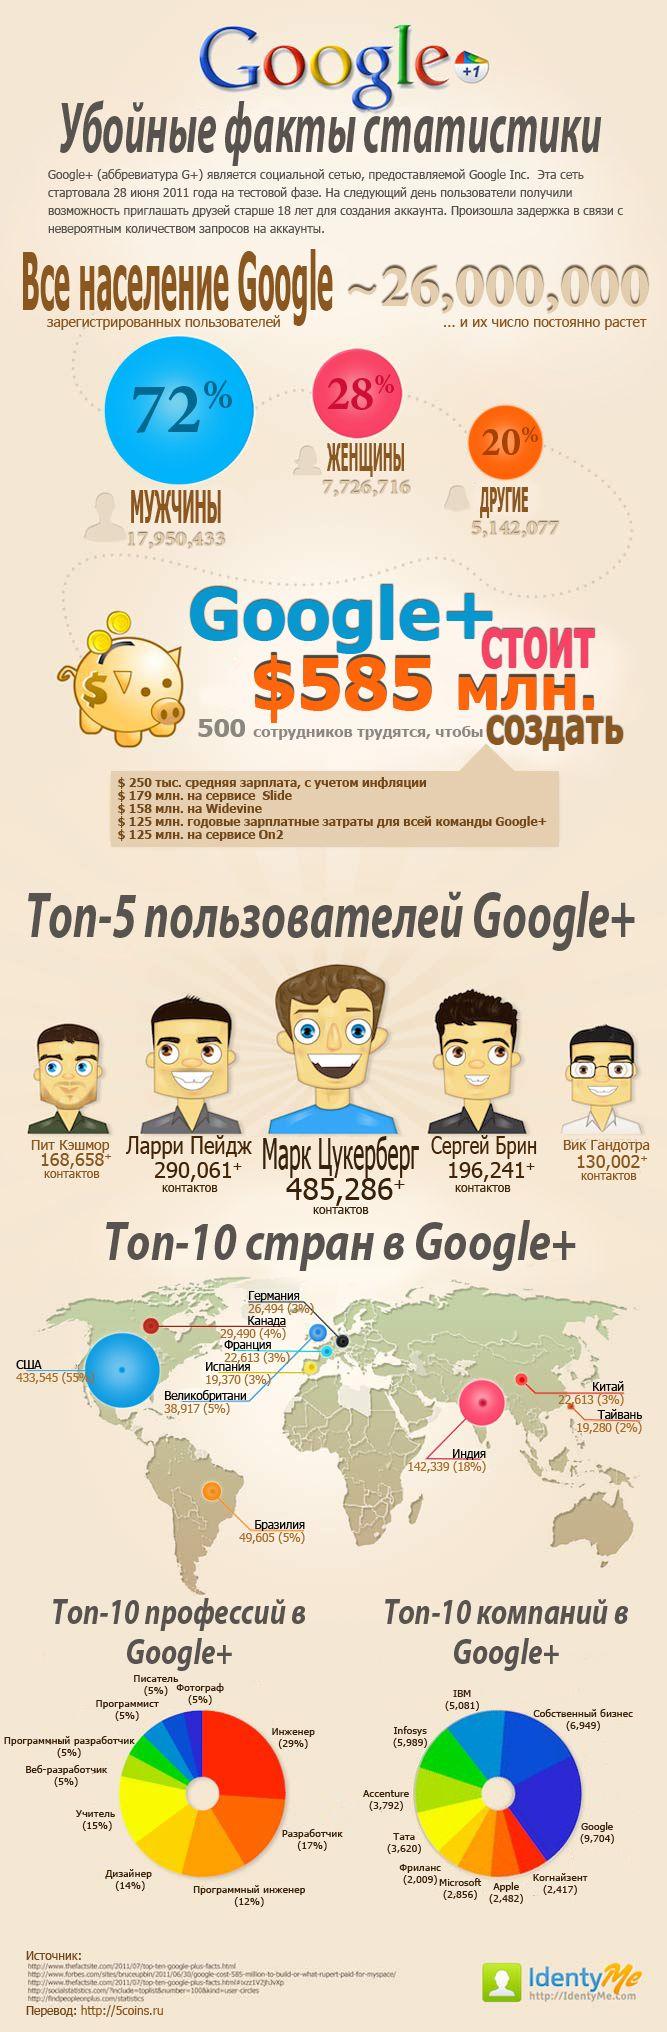 Убойные факты статистики Google+